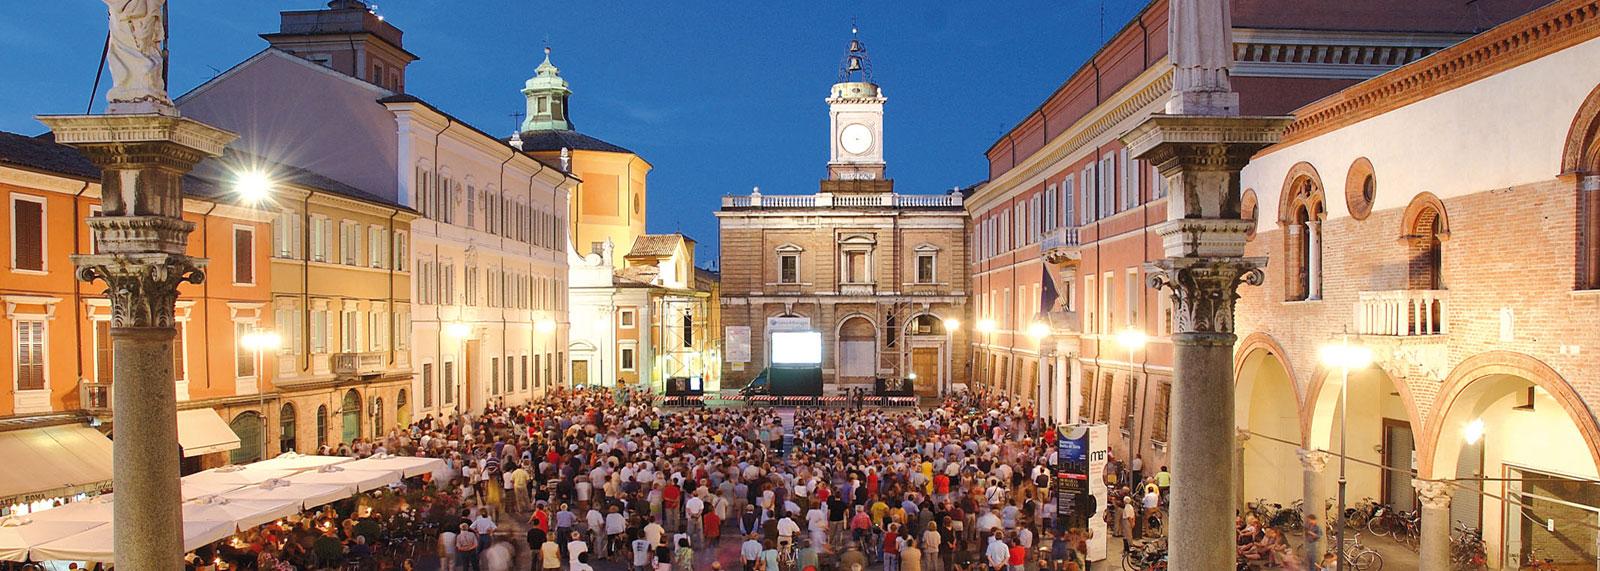 Piazza-del-Popolo-Ravenna